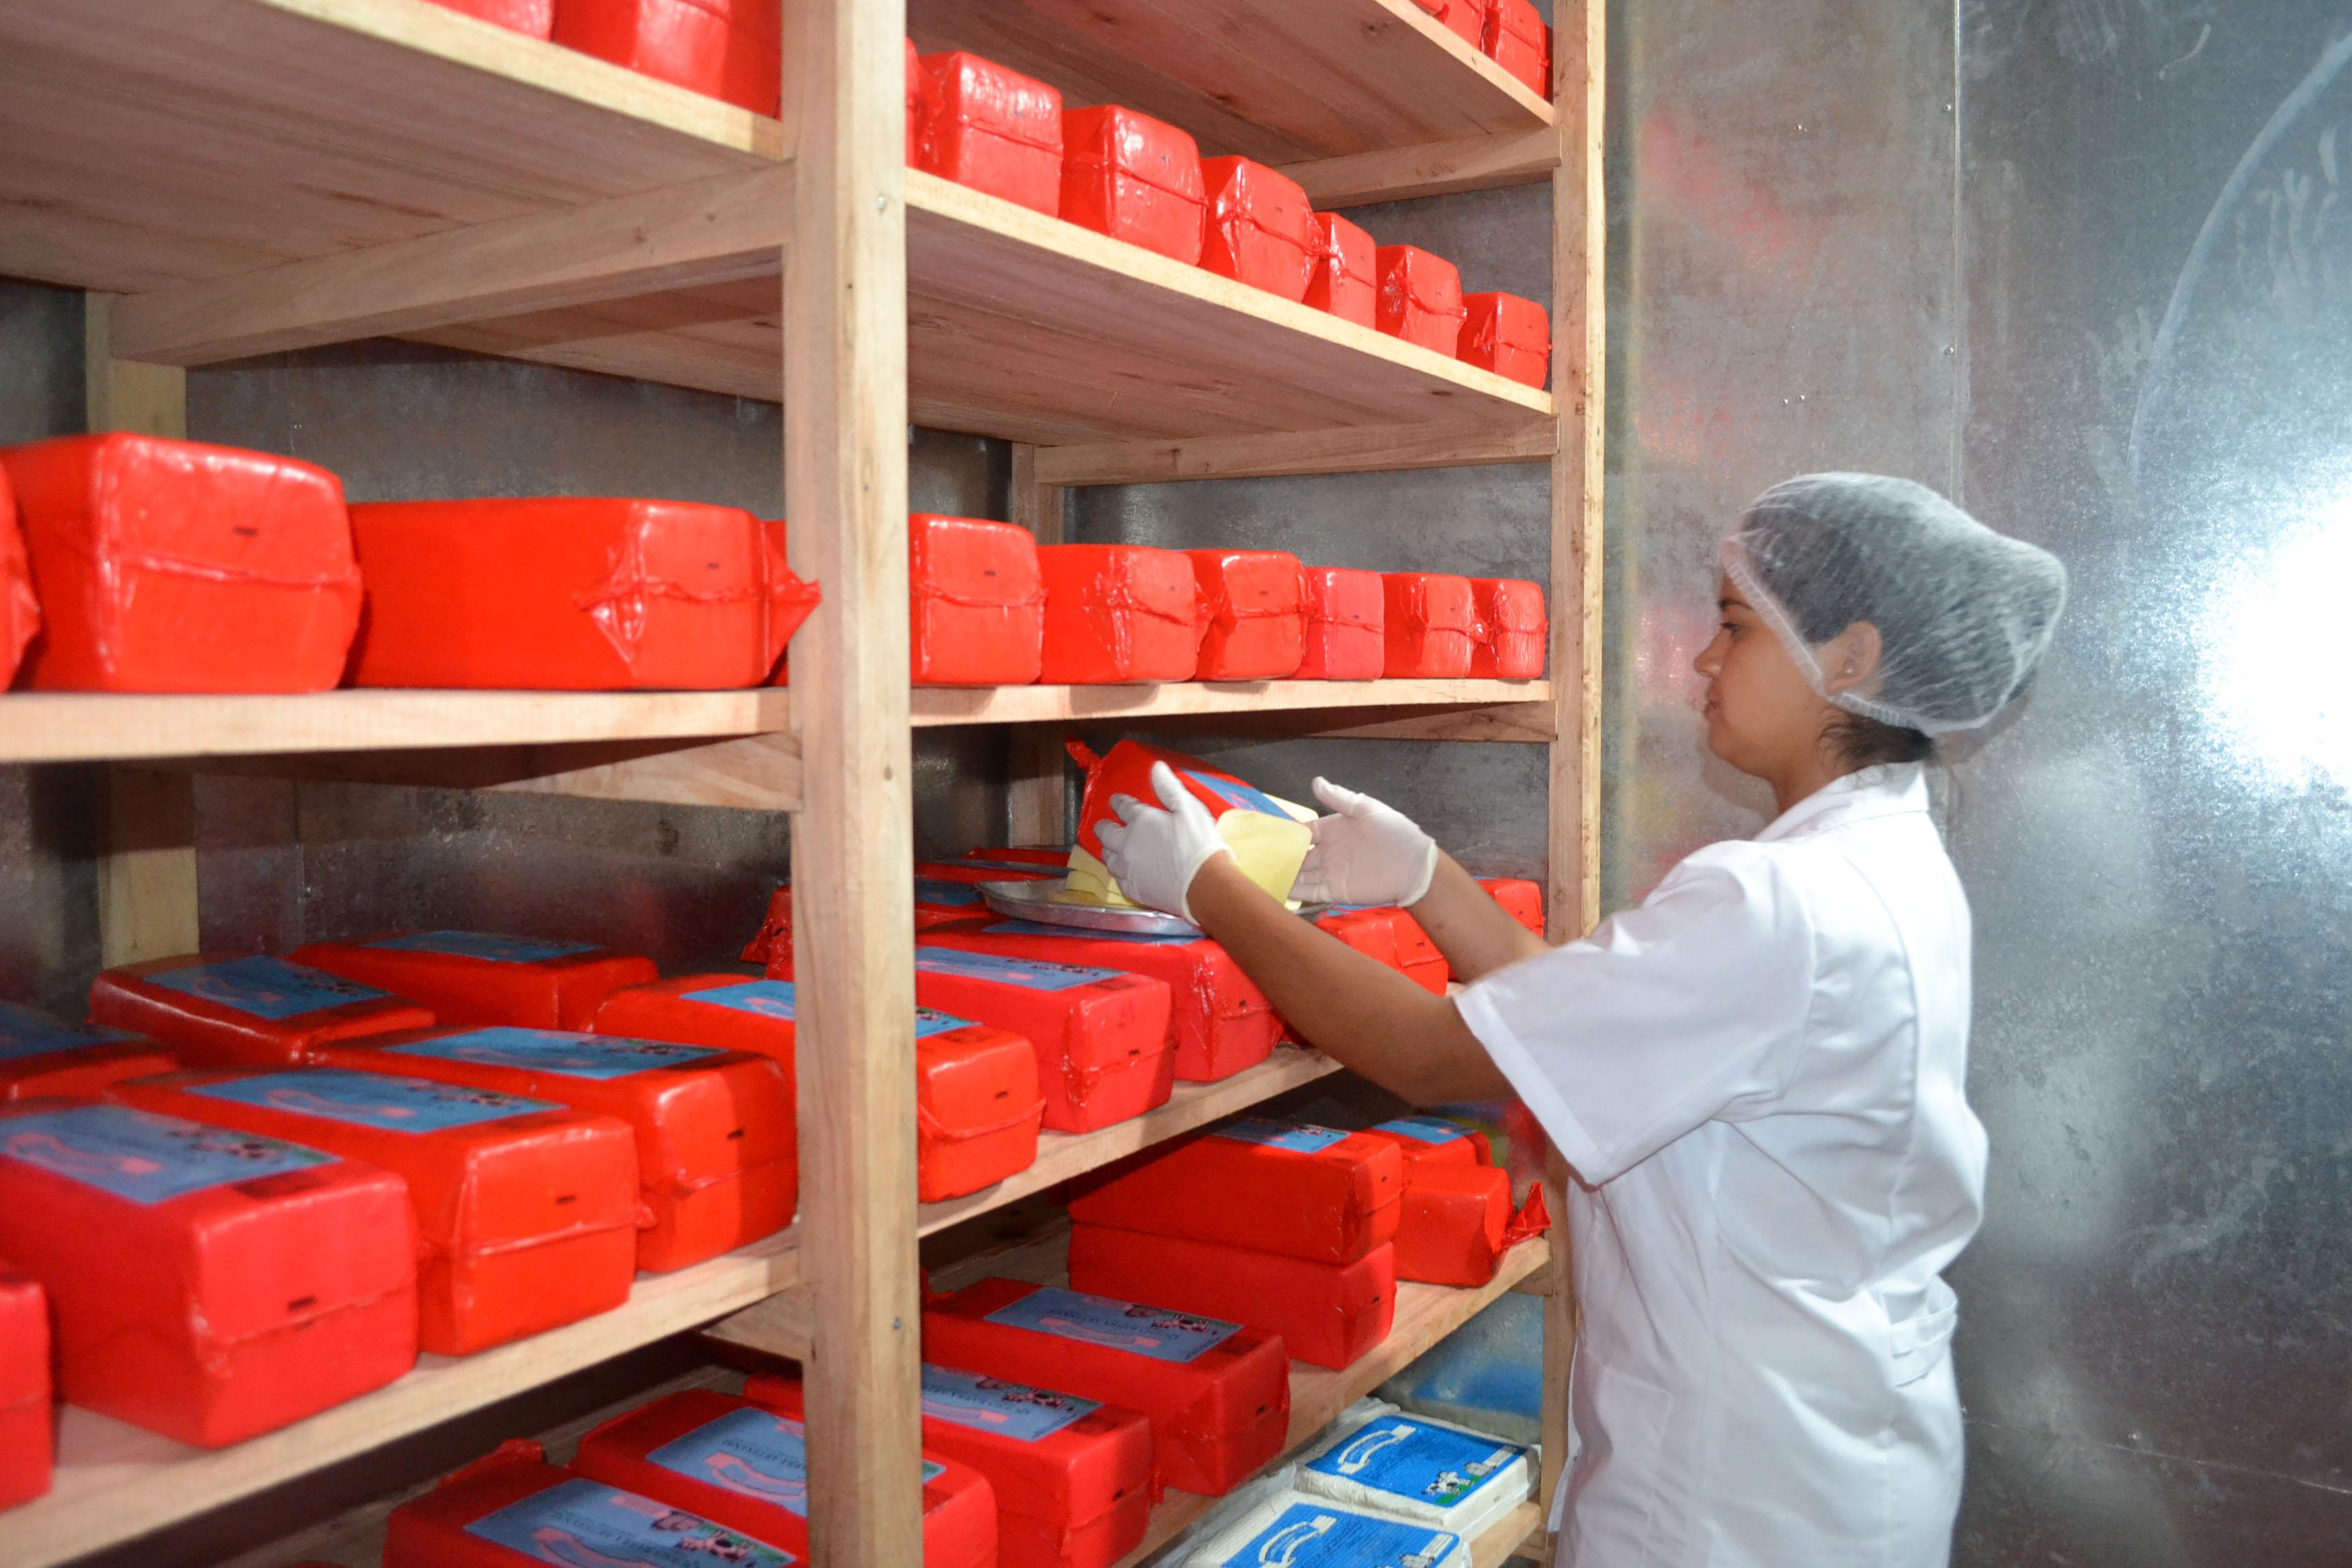 Quesos. La cooperativa produce 75 barras diarias de queso en El Soberbio.